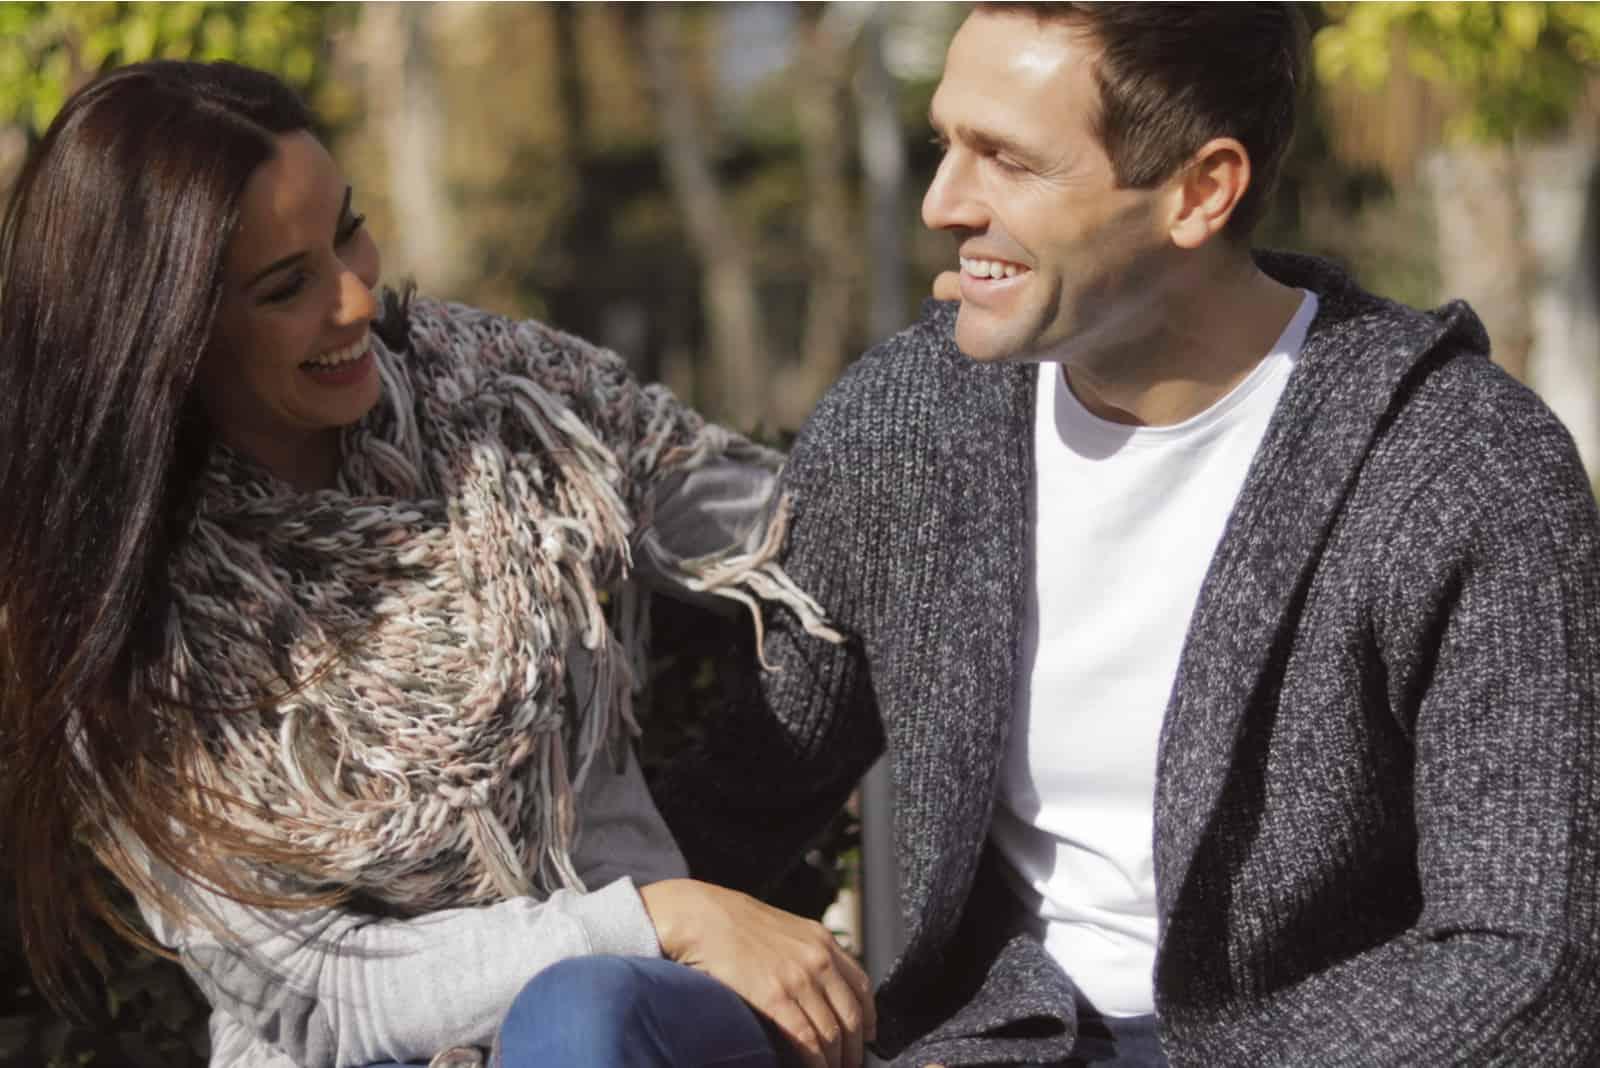 Draußen sitzt das glückliche Paar und redet